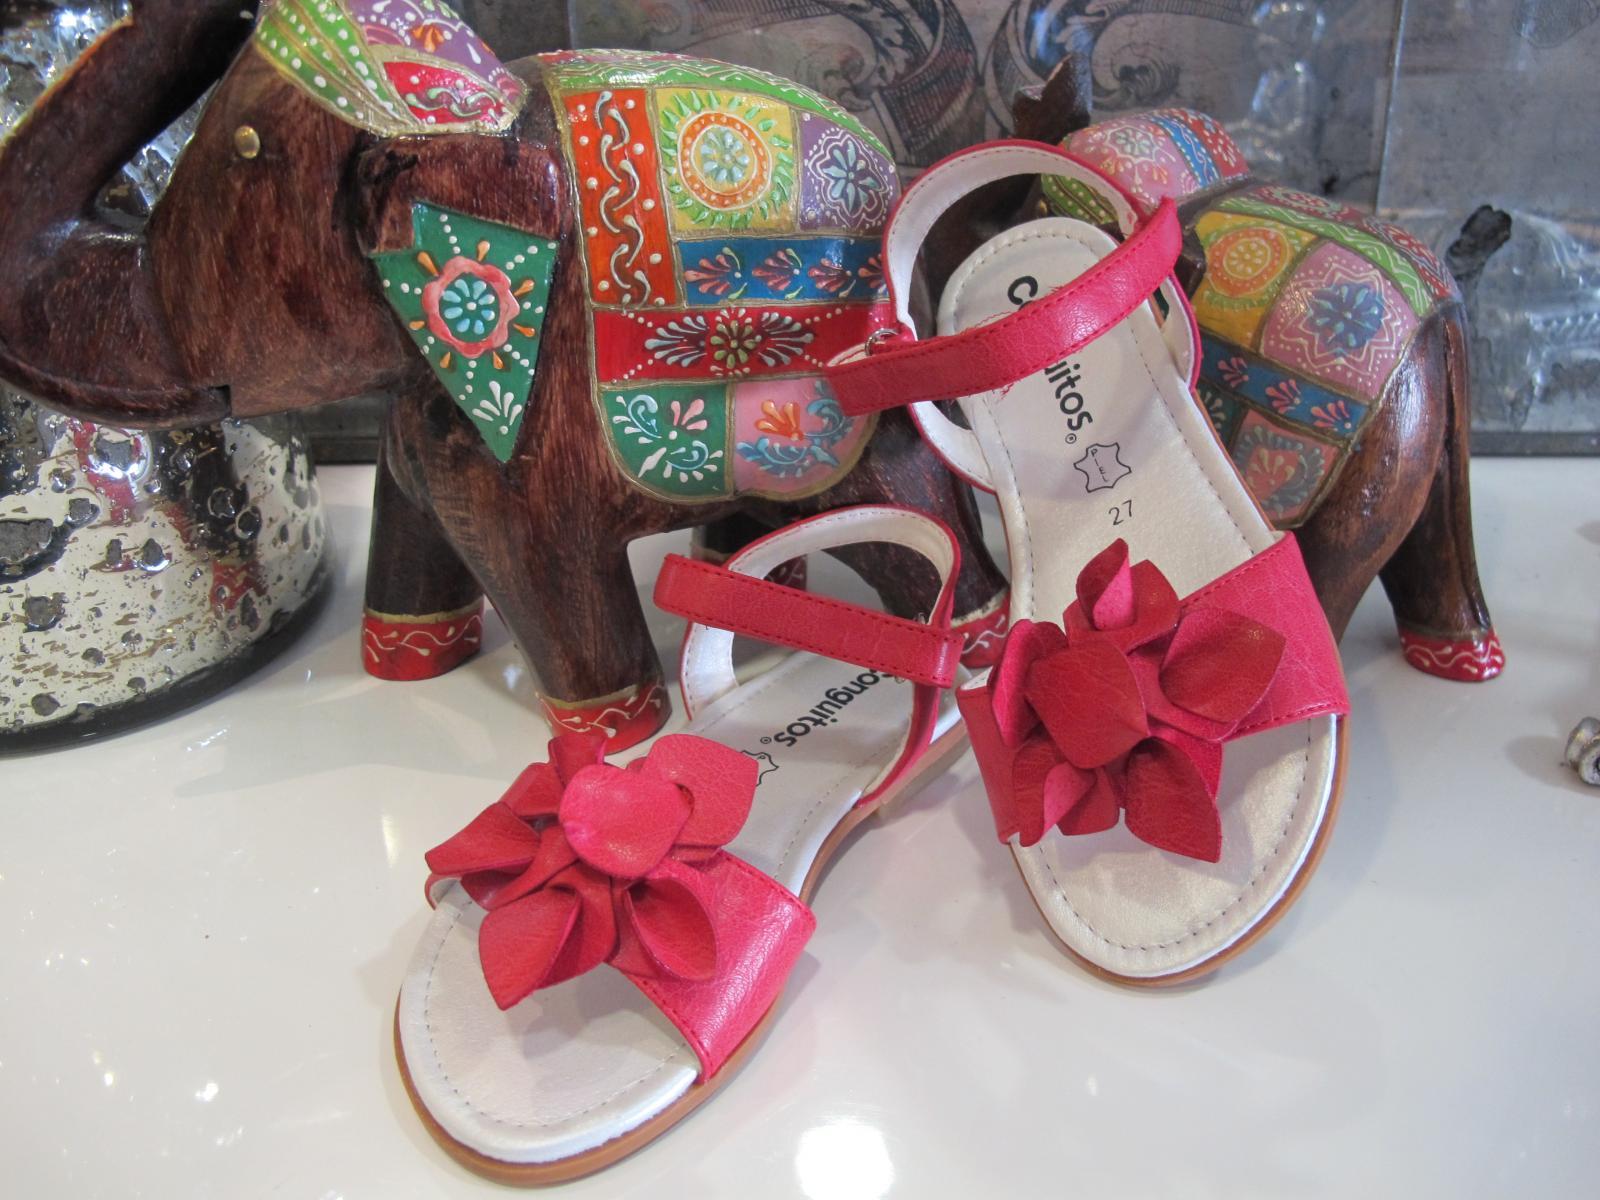 Sandalias rojas conguitos